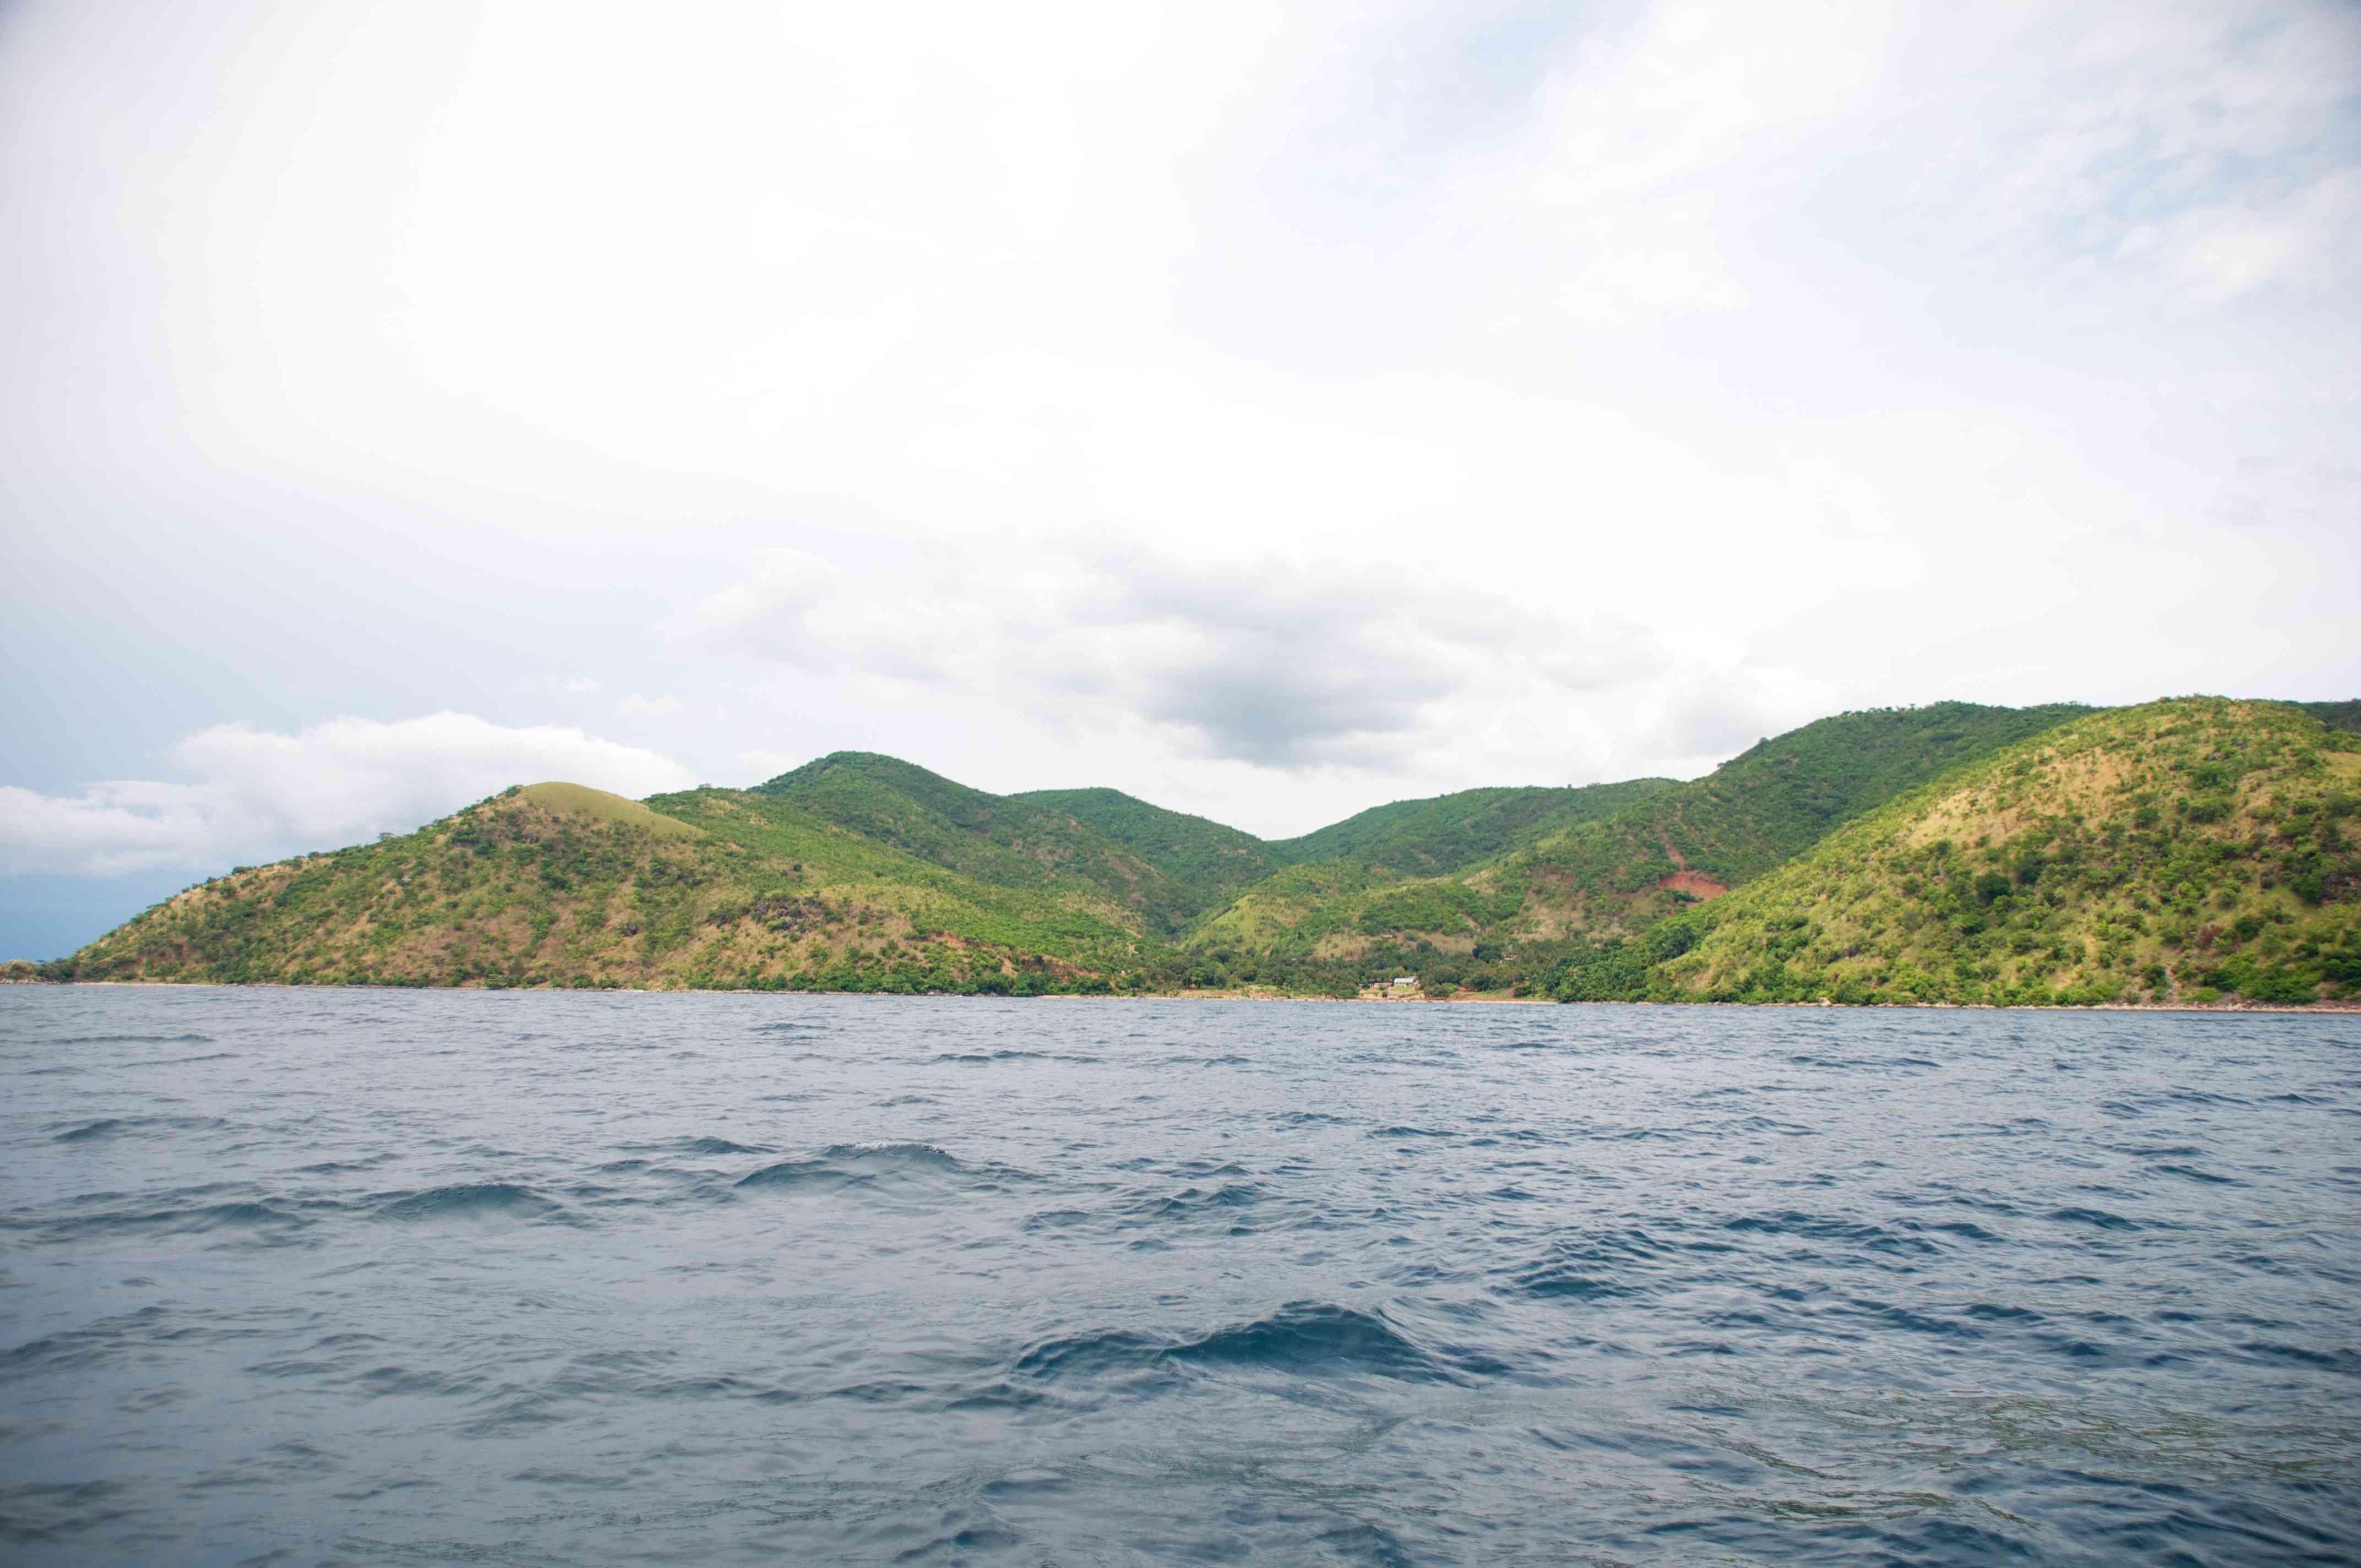 landscape of lake Tanganyika